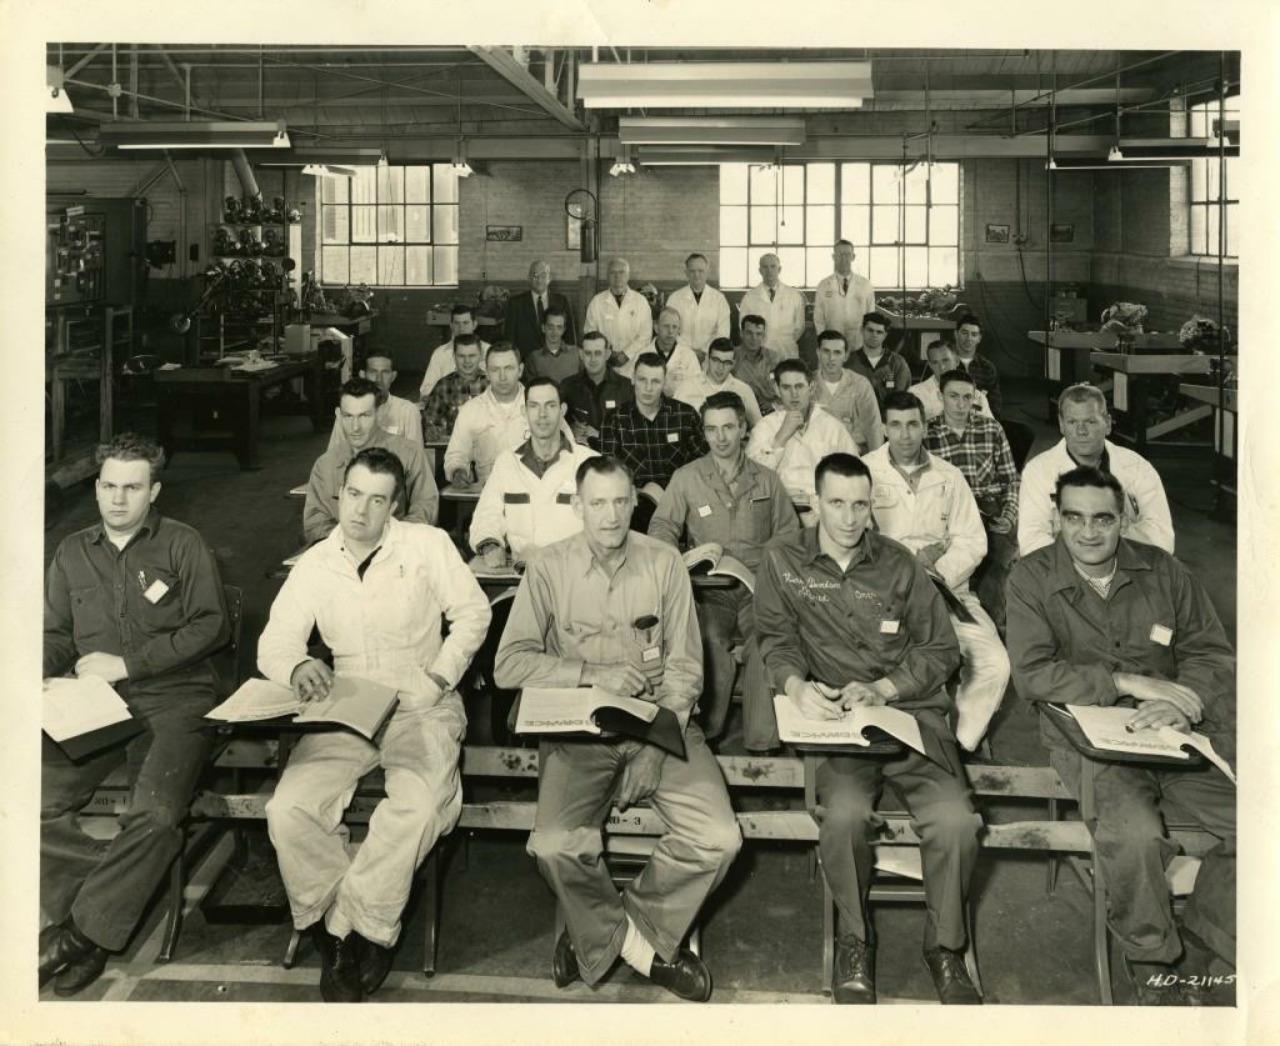 Años 50 - Escuela de mecánicos